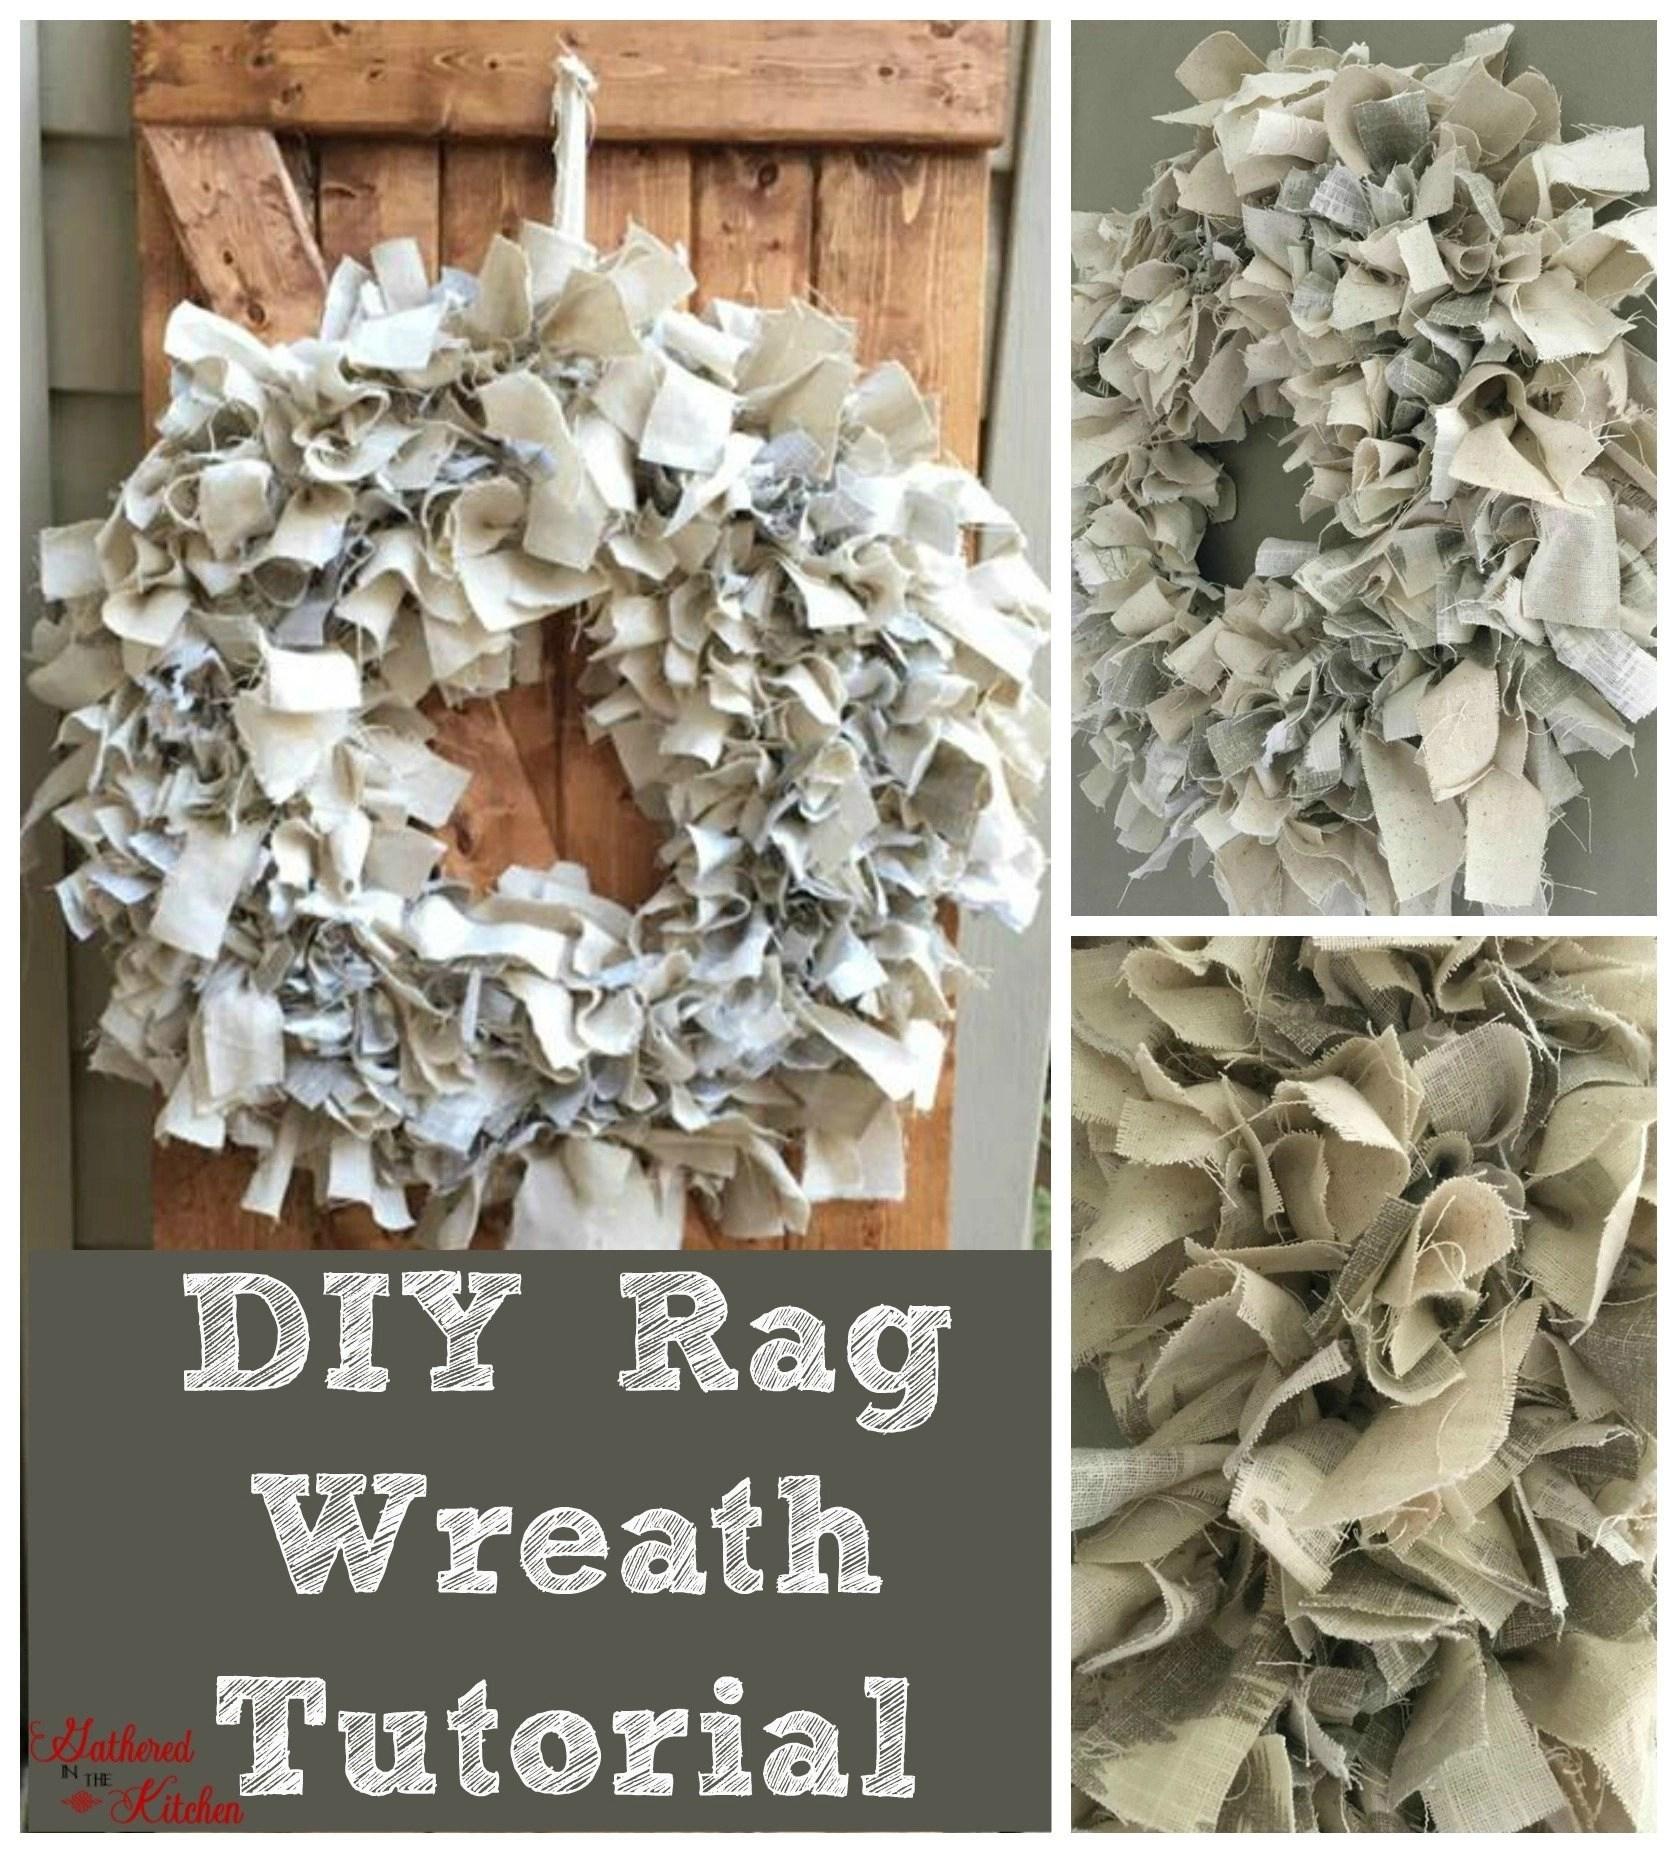 diy-rag-wreath-tutorial-1